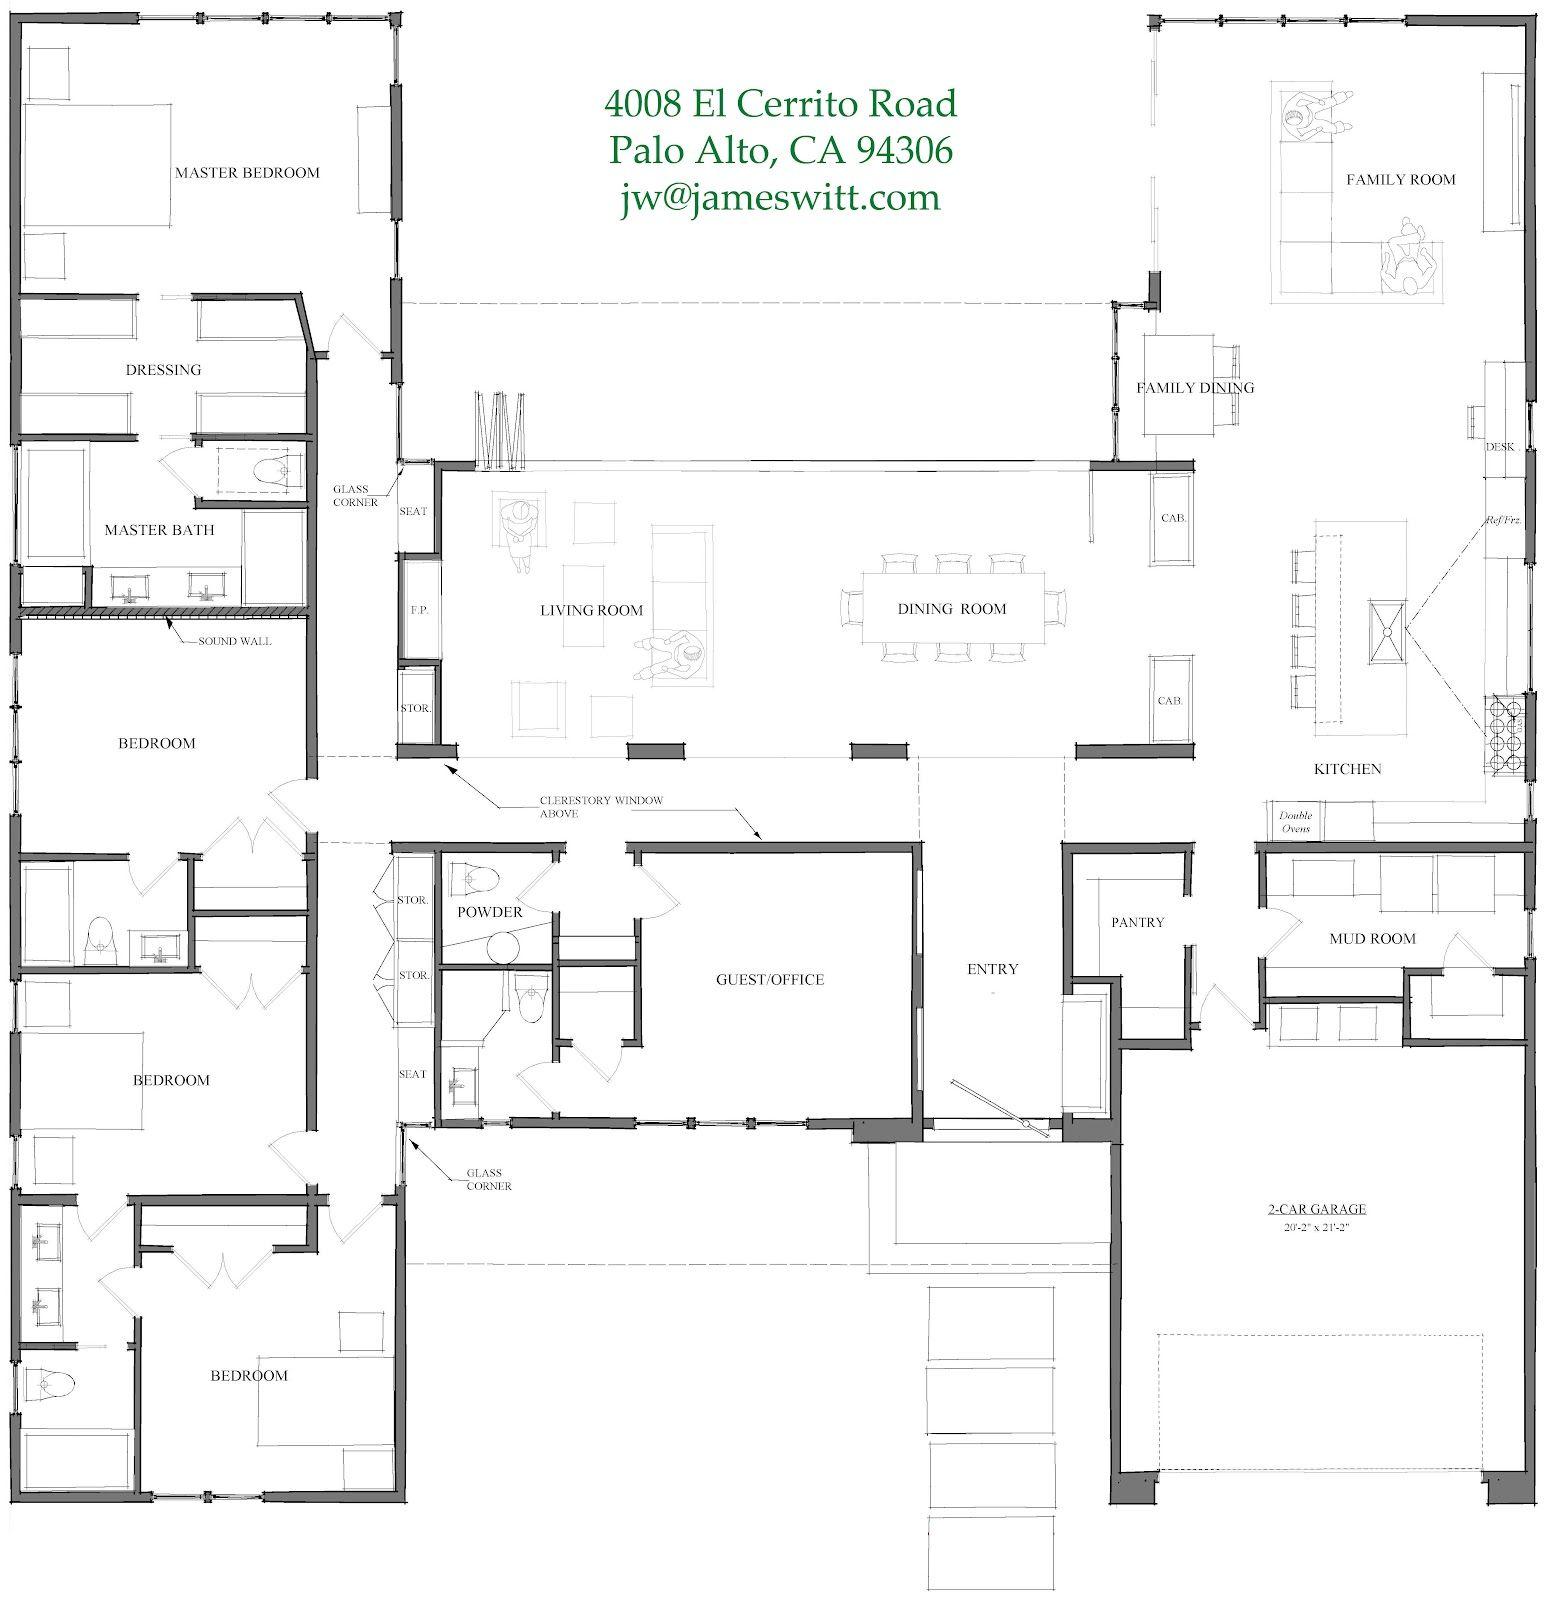 Architektur grundrisse hausgrundrisse offene grundrisse offene modernes haus pläne moderne häuser scheune hauspläne home interior design